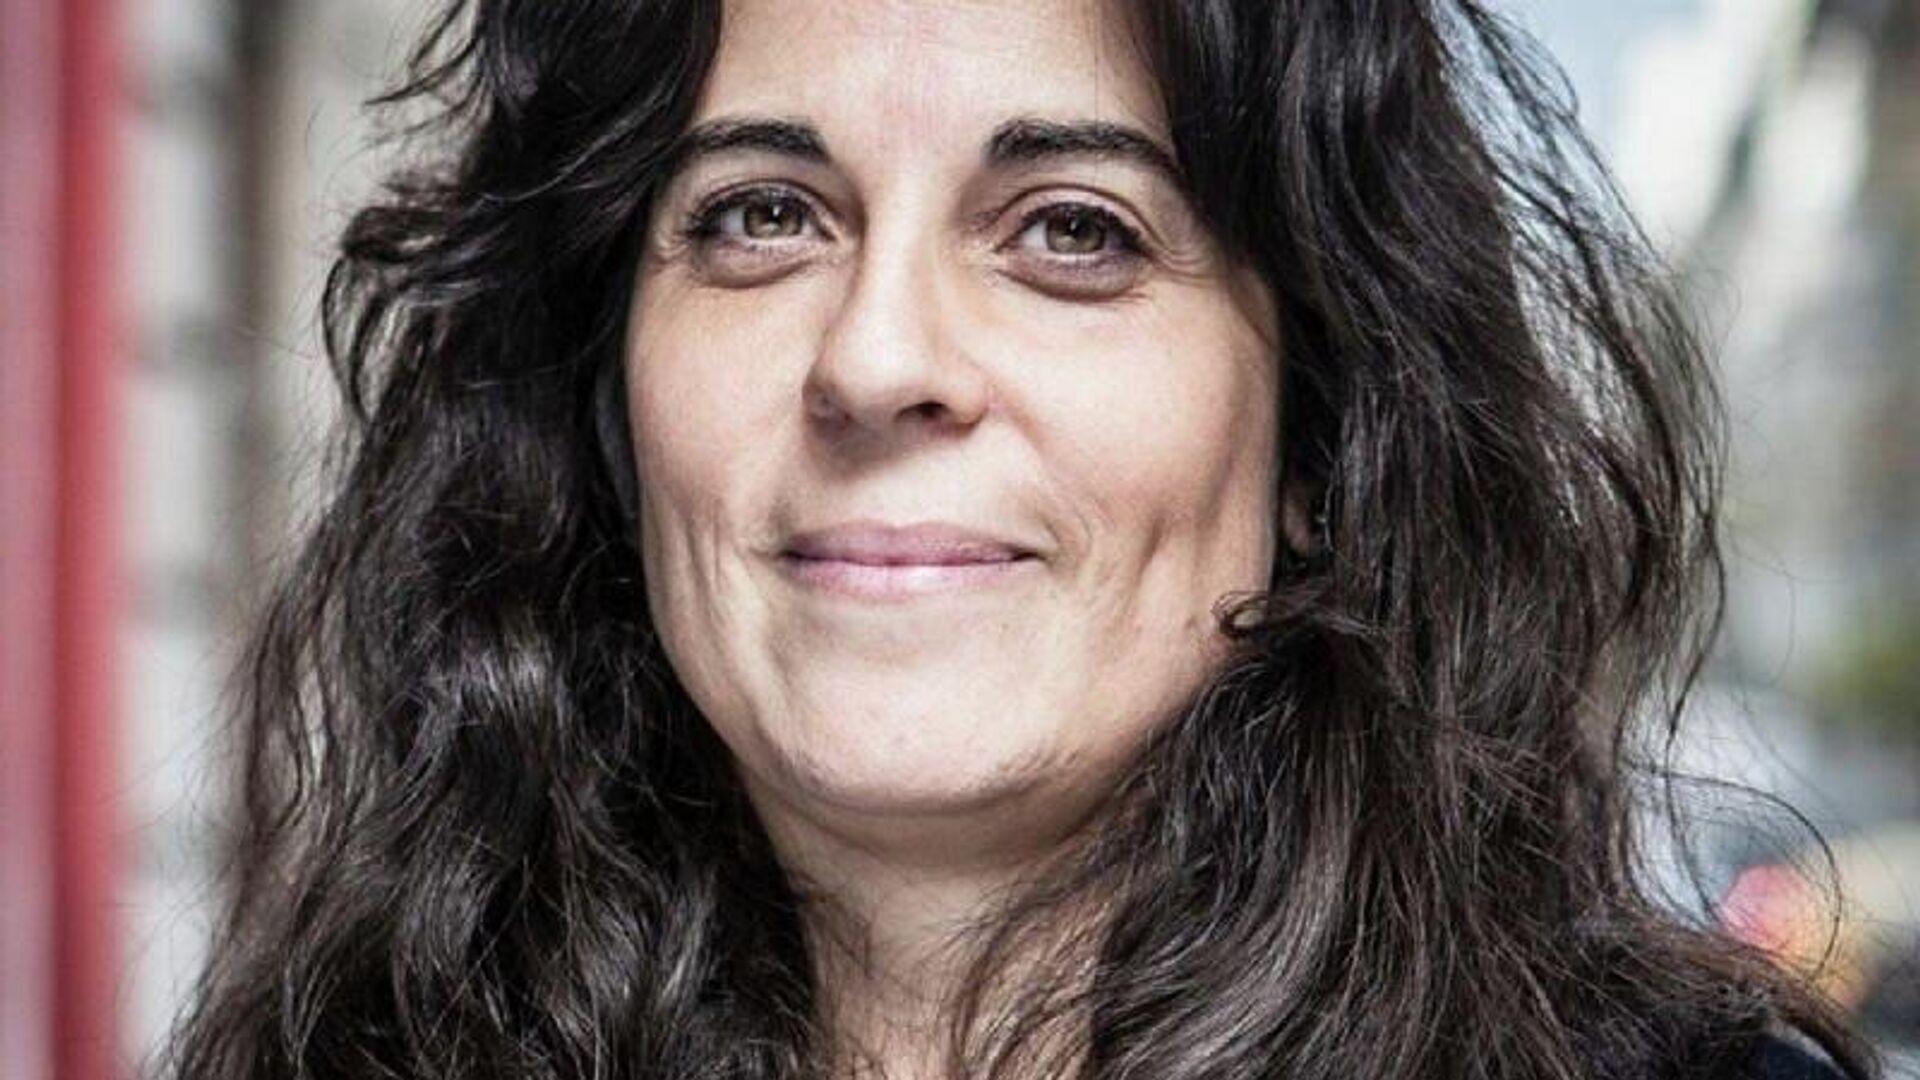 Analía Kalinec, hija del condenado a prisión perpetua Eduardo Emilio Kalinec, conocido como Doctor K - Sputnik Mundo, 1920, 30.08.2021